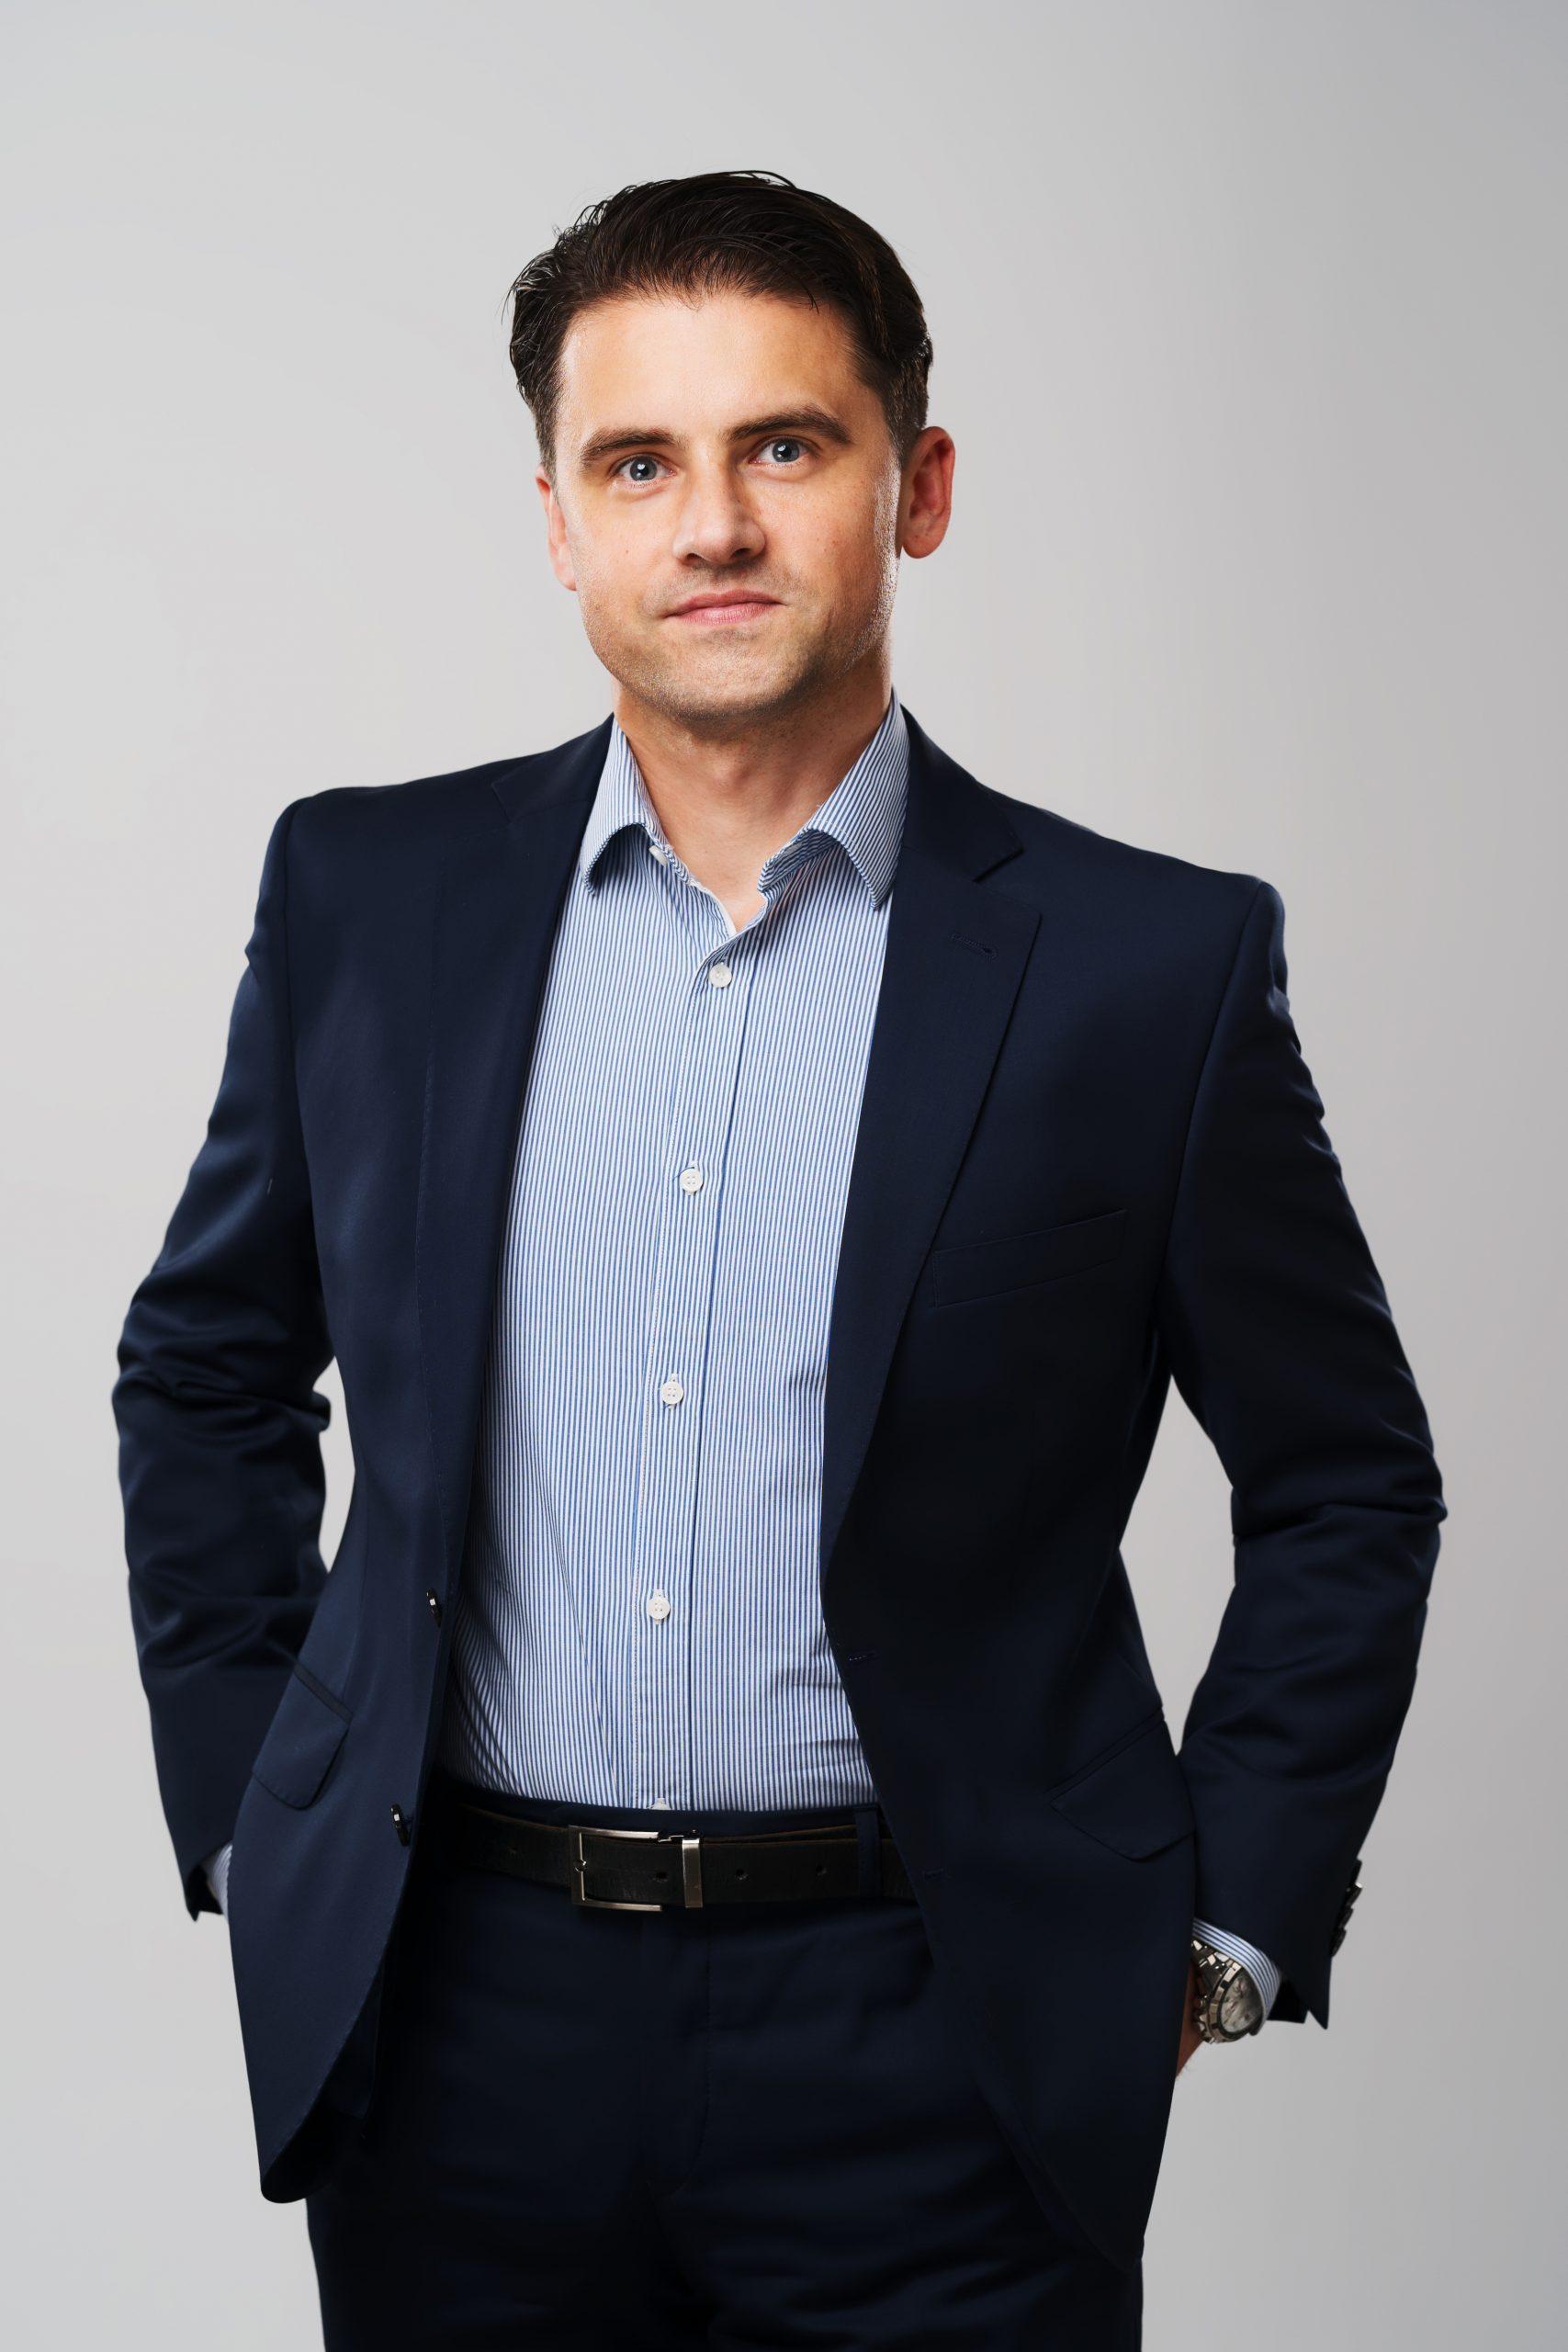 Radosław Aniszczyk